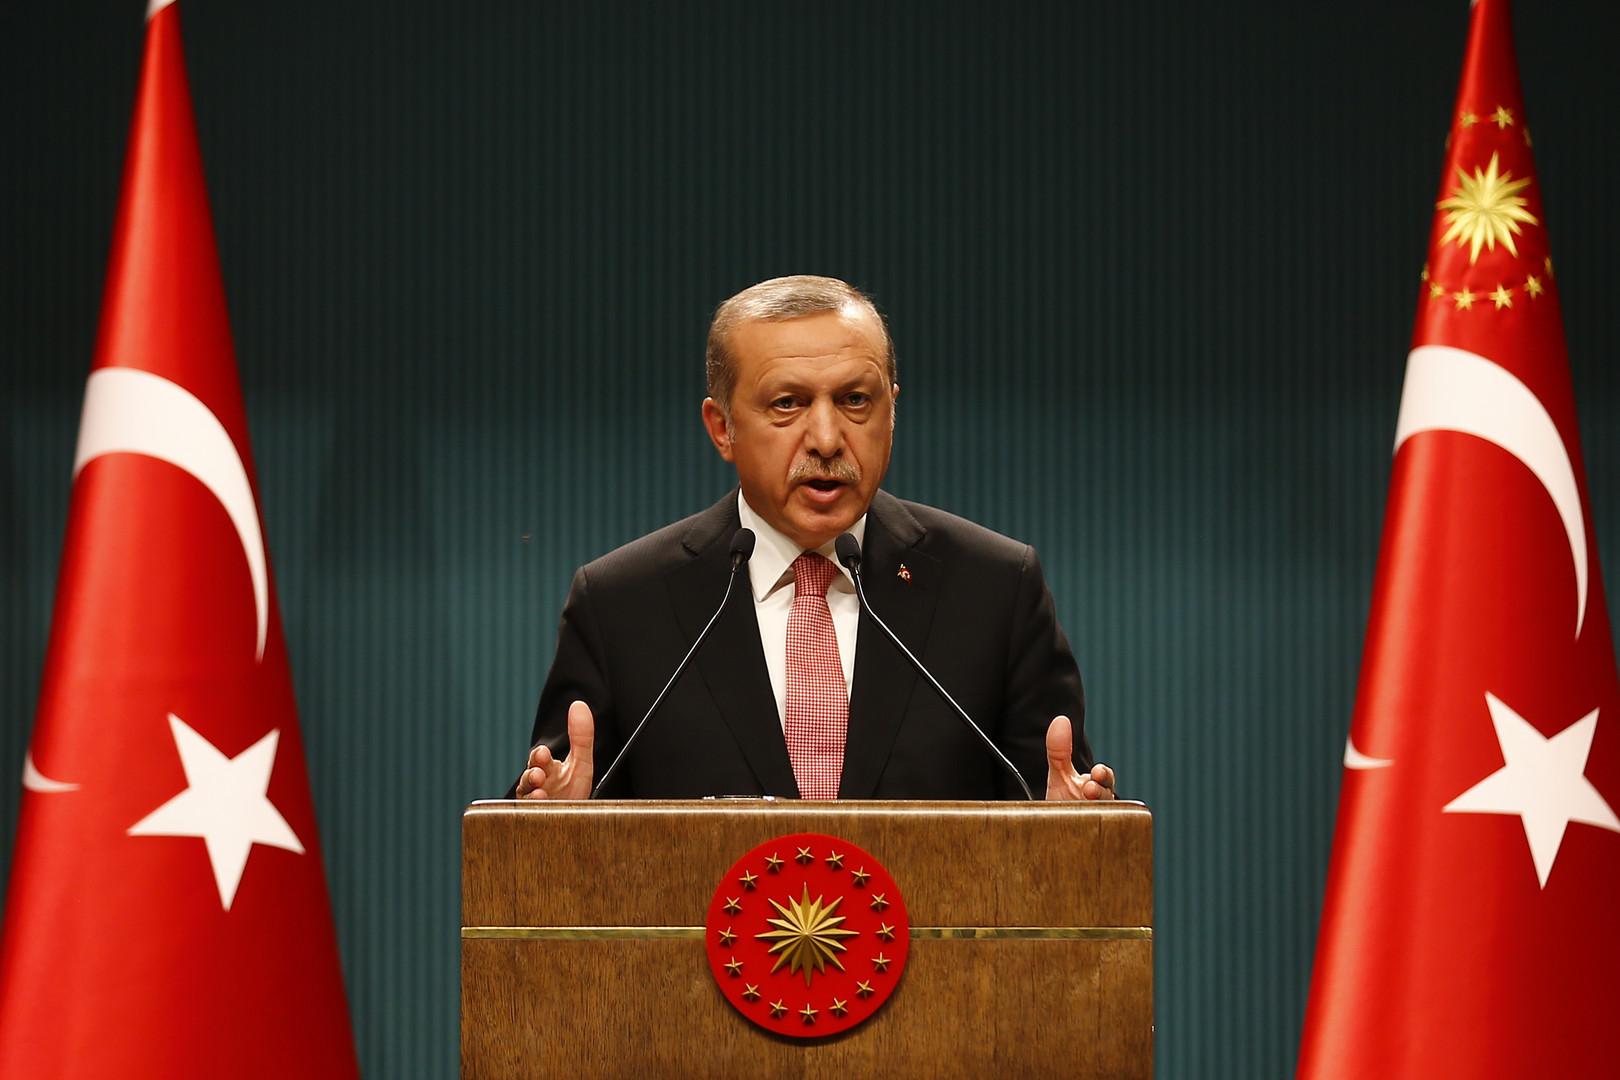 Эрдоган: Запад оказывает поддержку терроризму и стоит на стороне переворотов